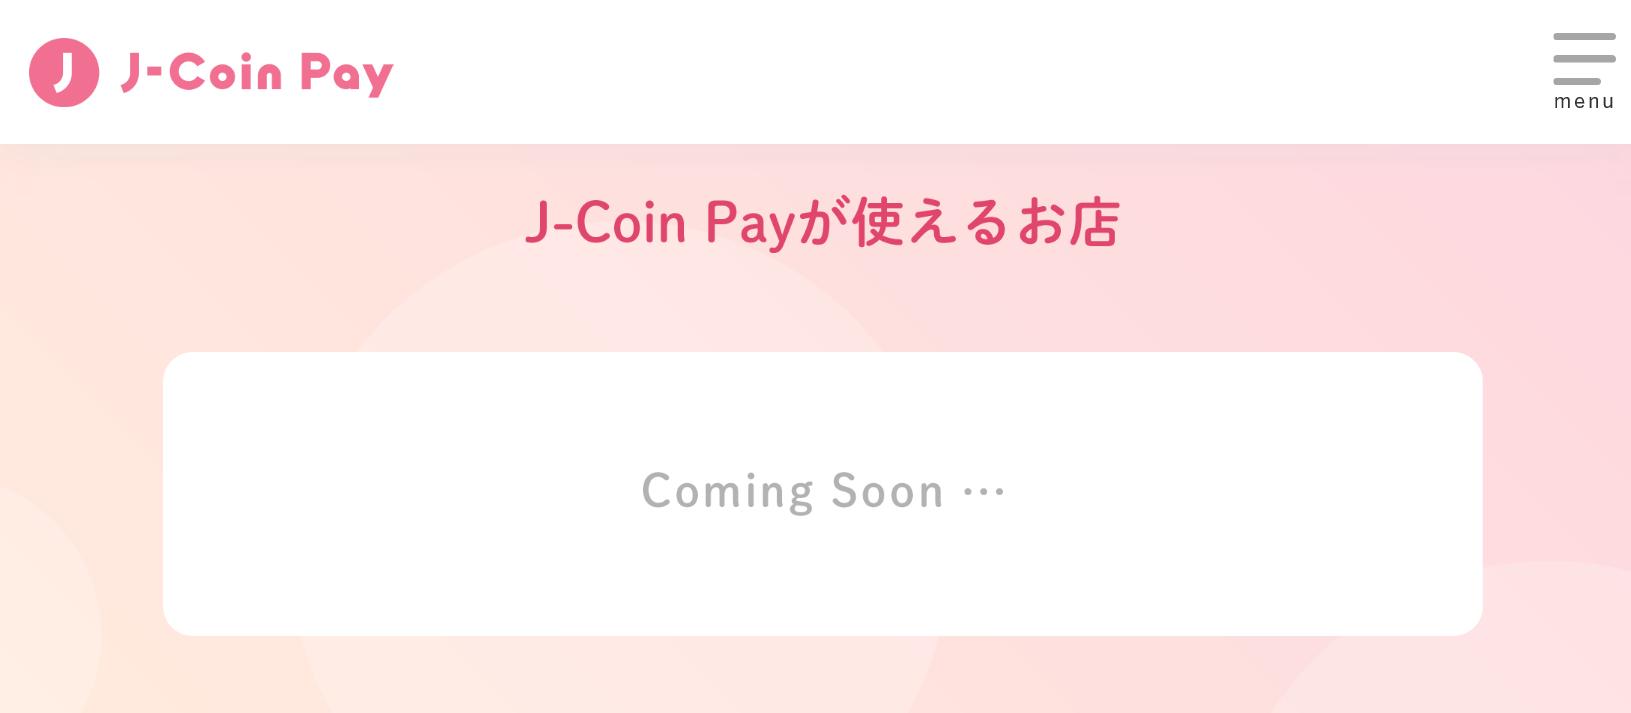 J-Coin Payでお買いものできる店はまだない